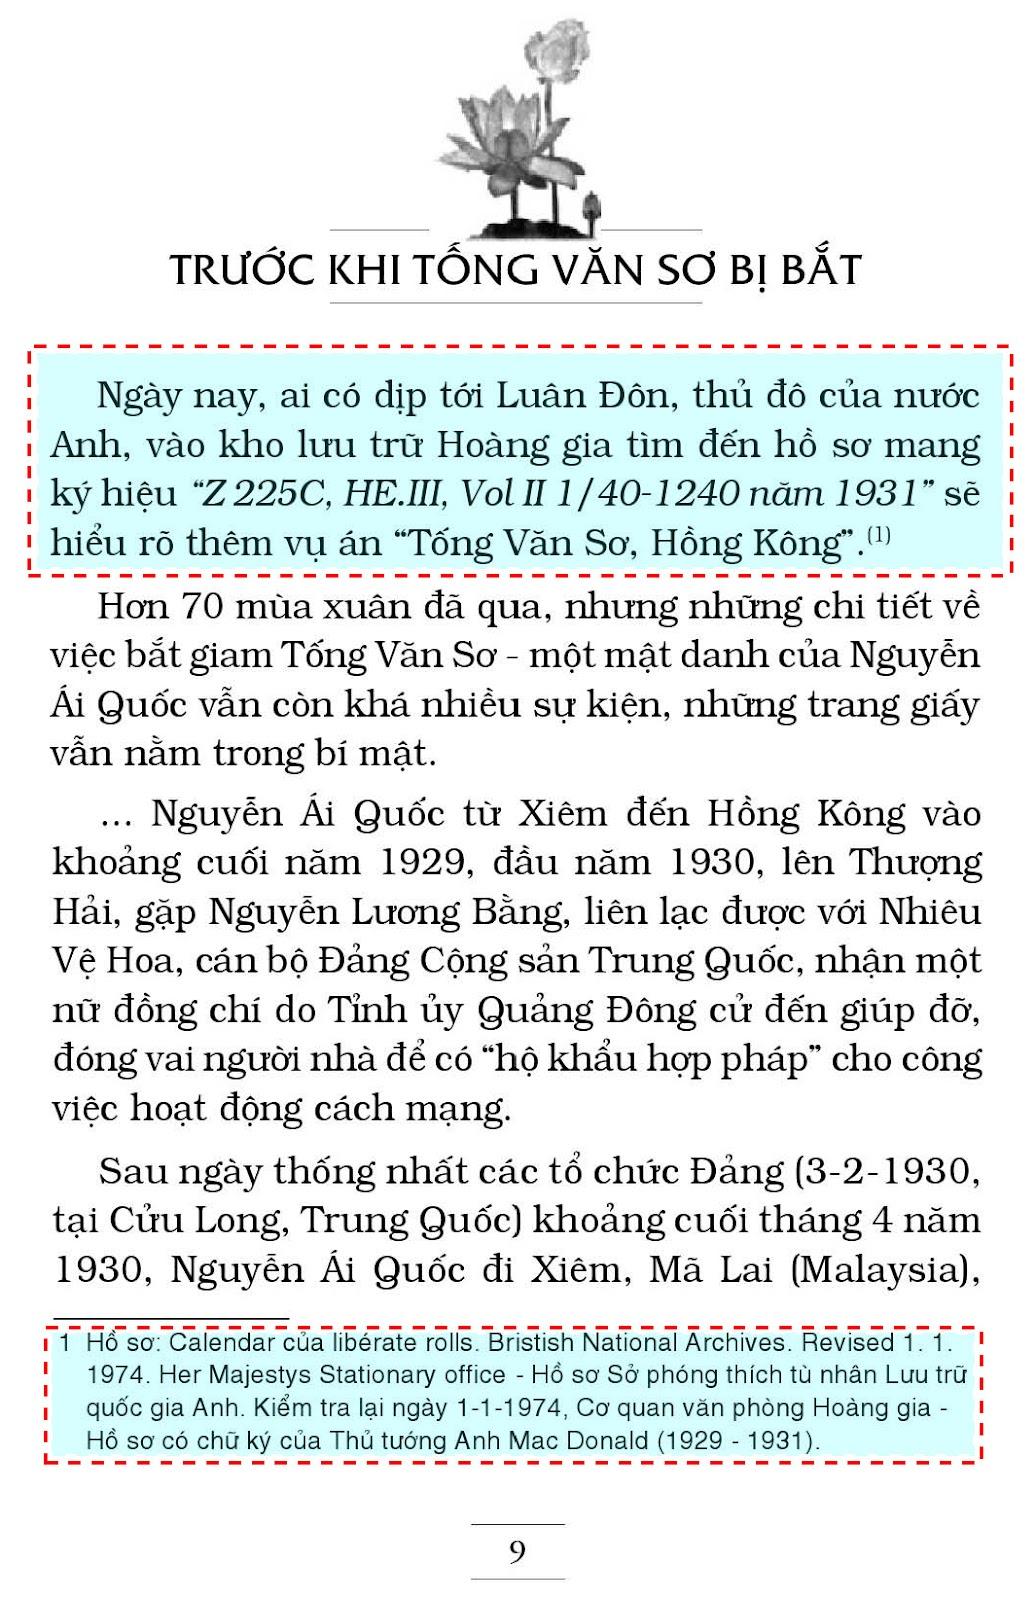 Trang 9 - Nguyễn Ái Quốc và vụ án Hồng Kông năm 1931 - marked.jpg